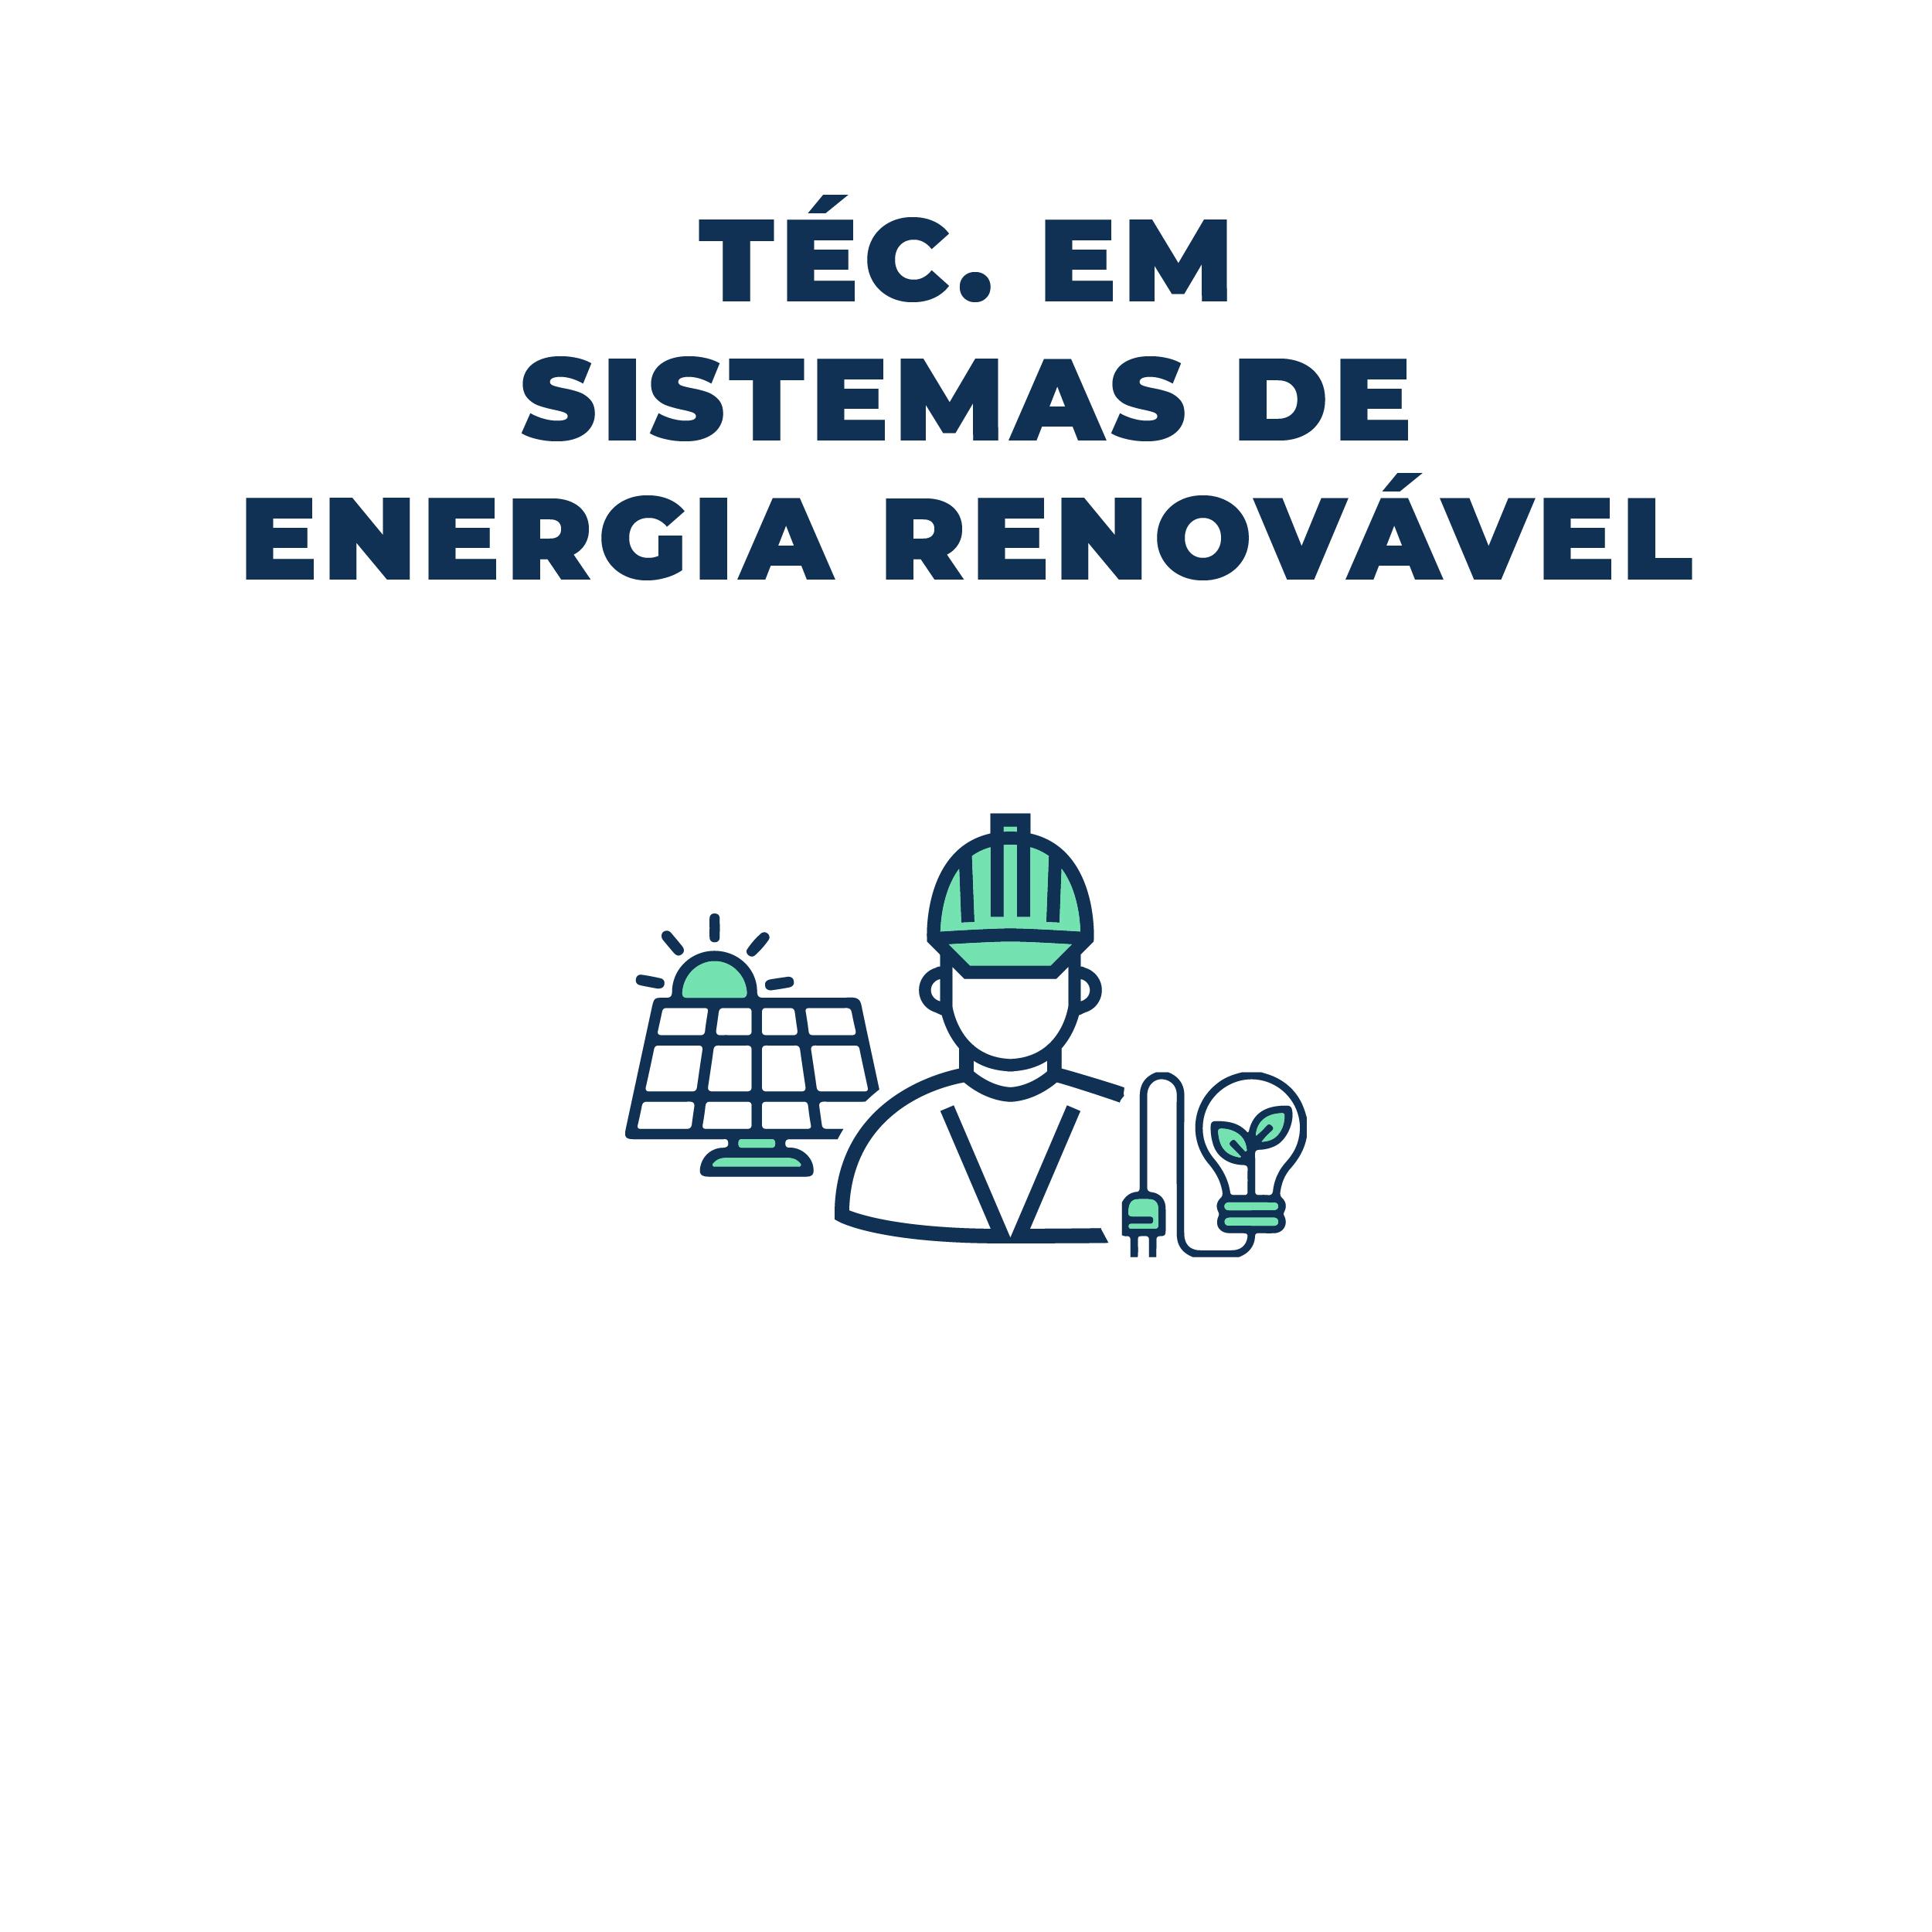 energia renovevel